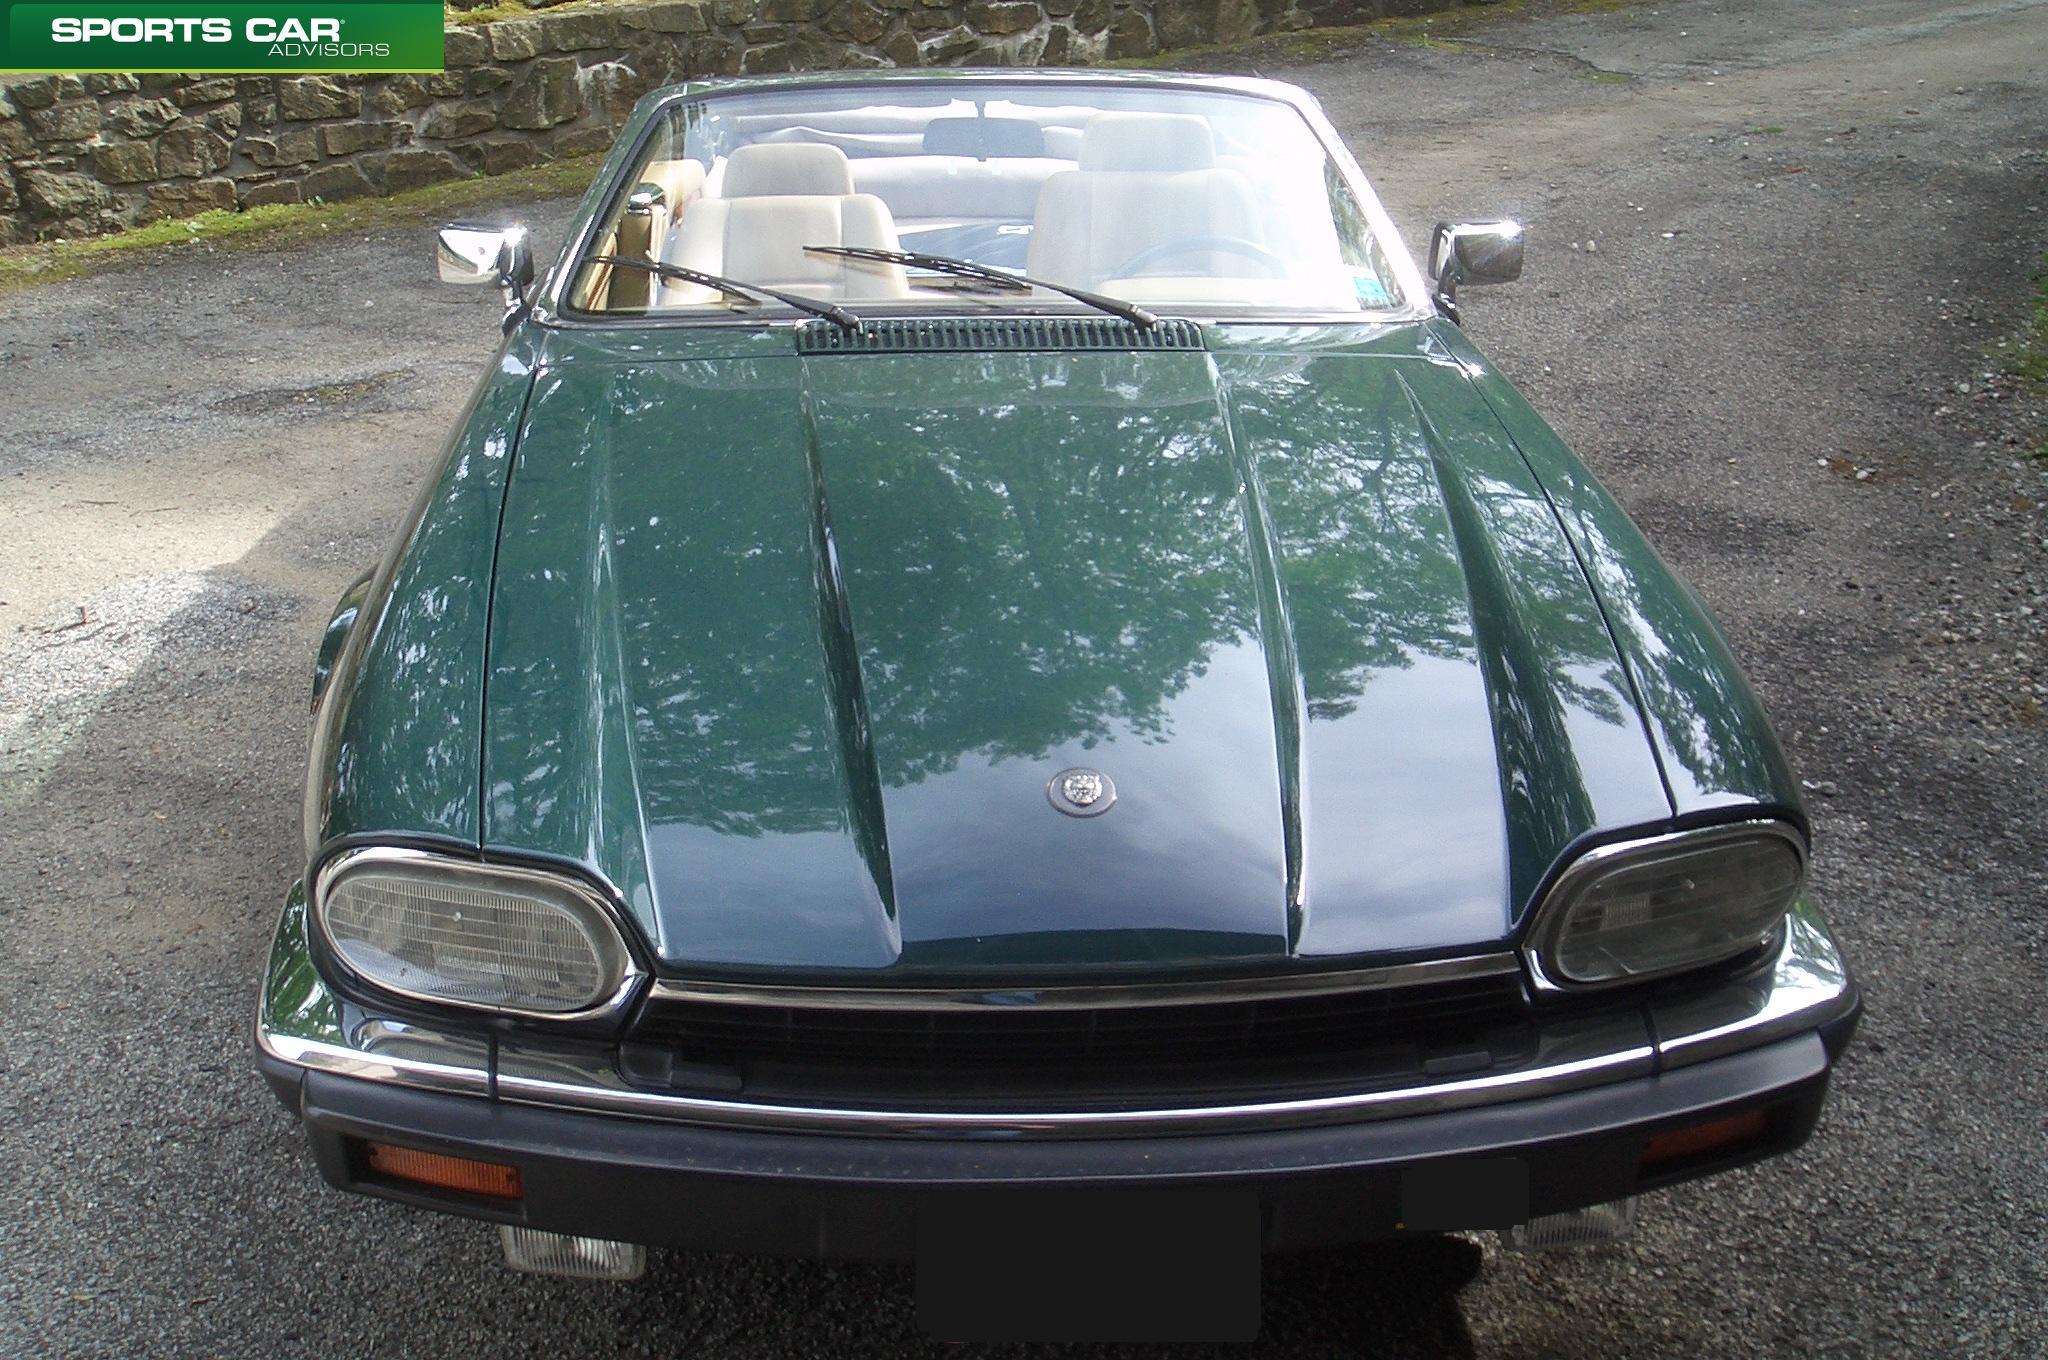 sports car advisors the automobile enthusiast magazine vintage rh sportscaradvisors com jaguar xjs v12 manual transmission for sale 1991 Jaguar XJS